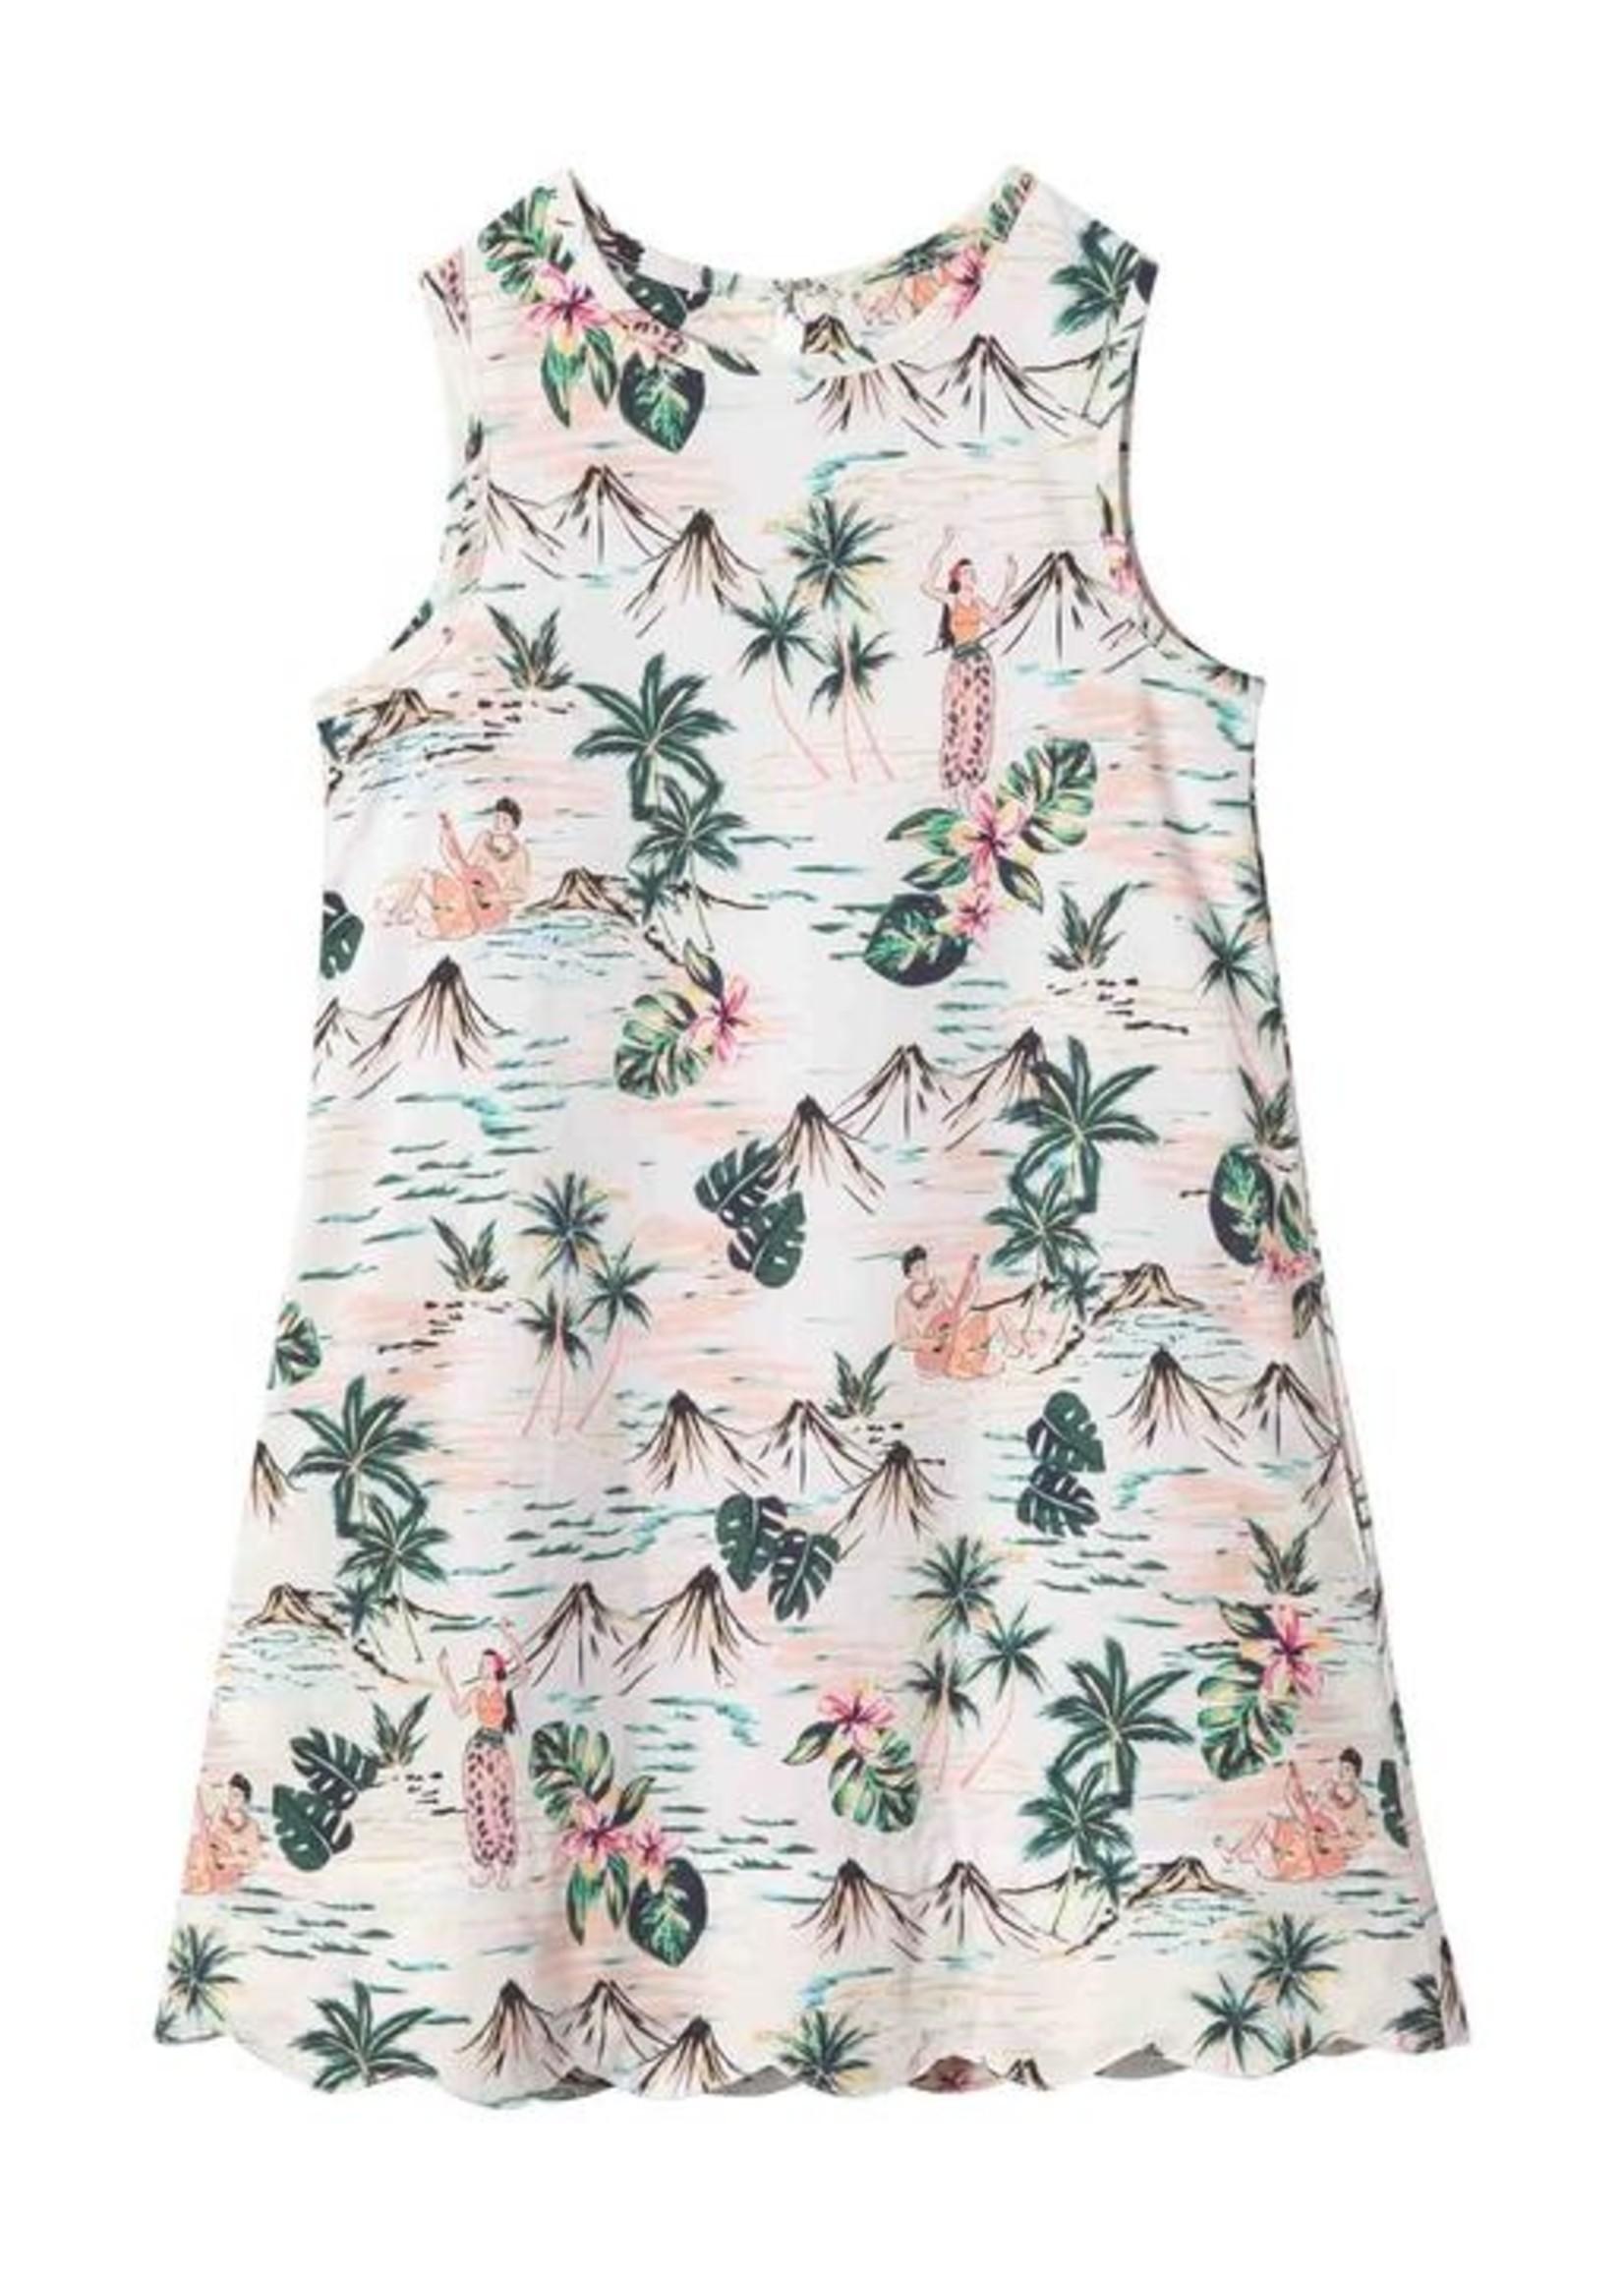 HULA PRINT PIPER DRESS